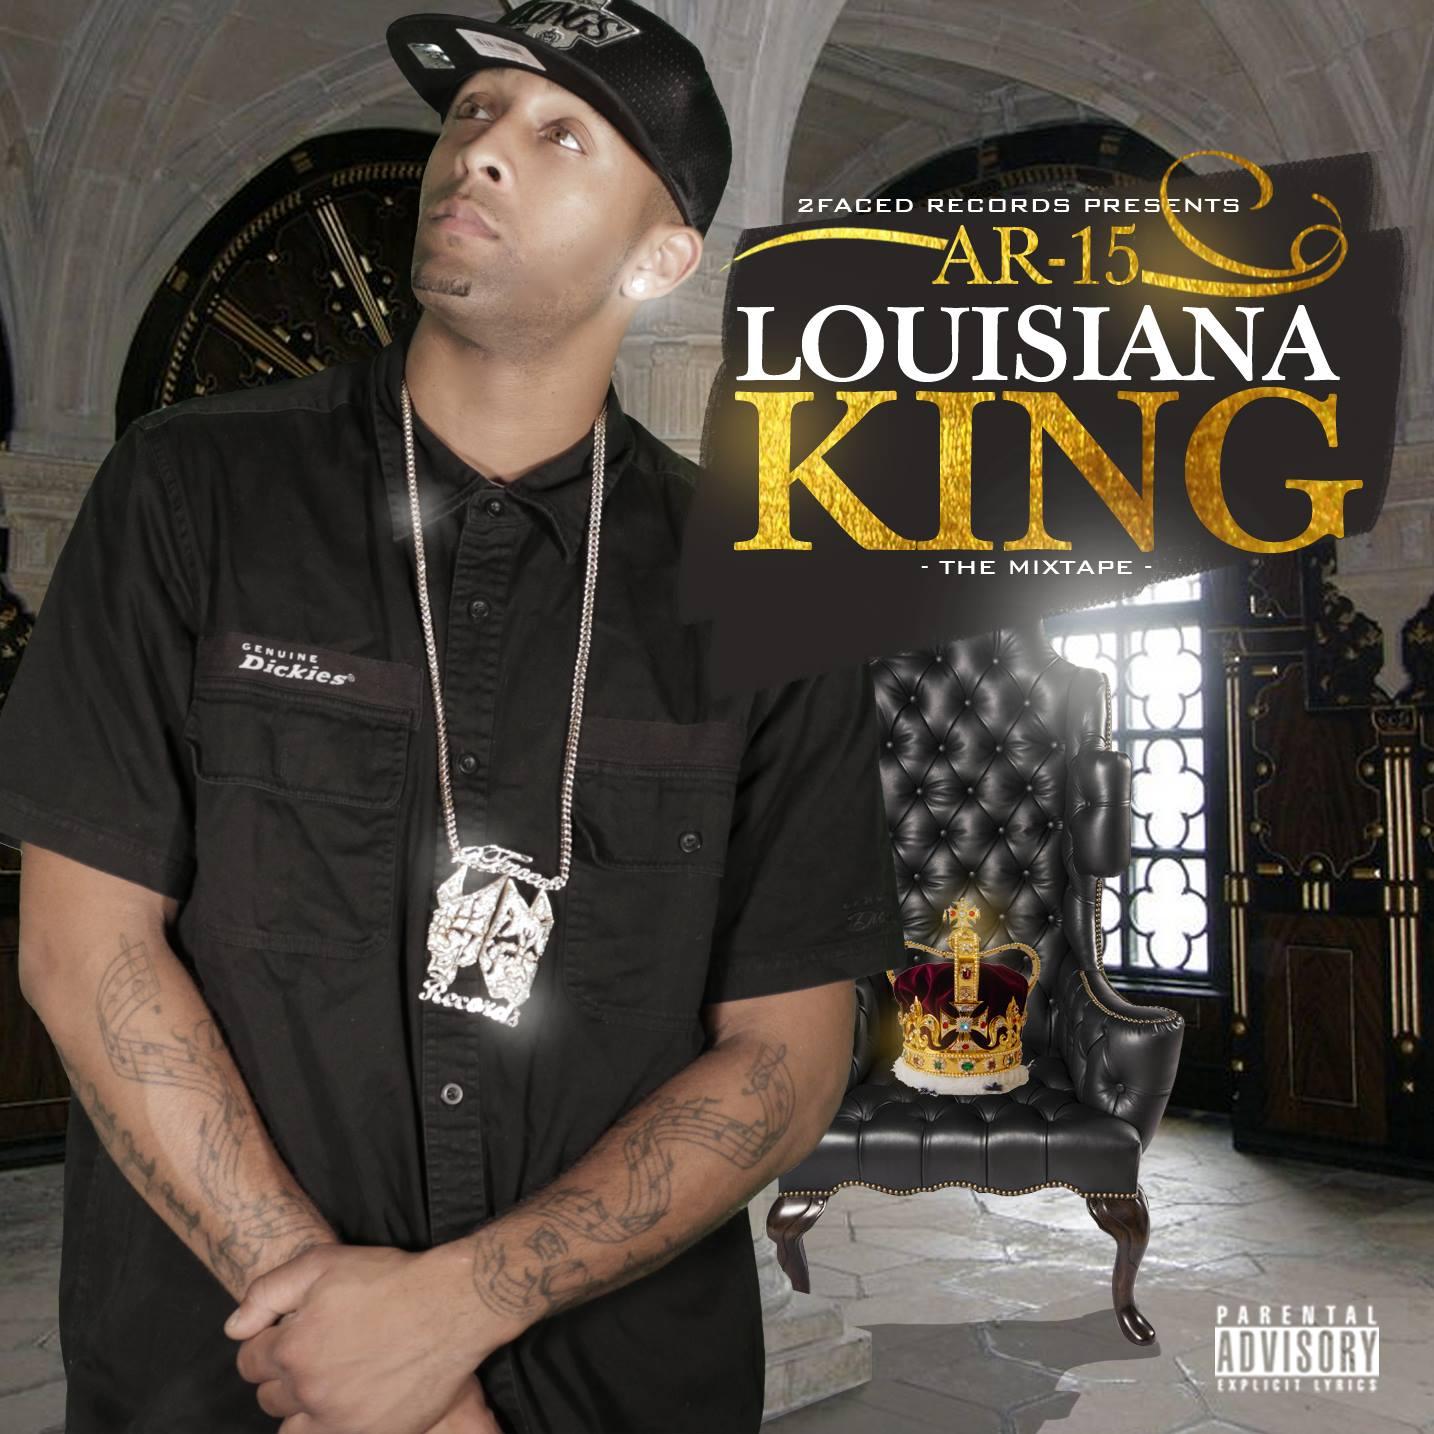 Louisiana King